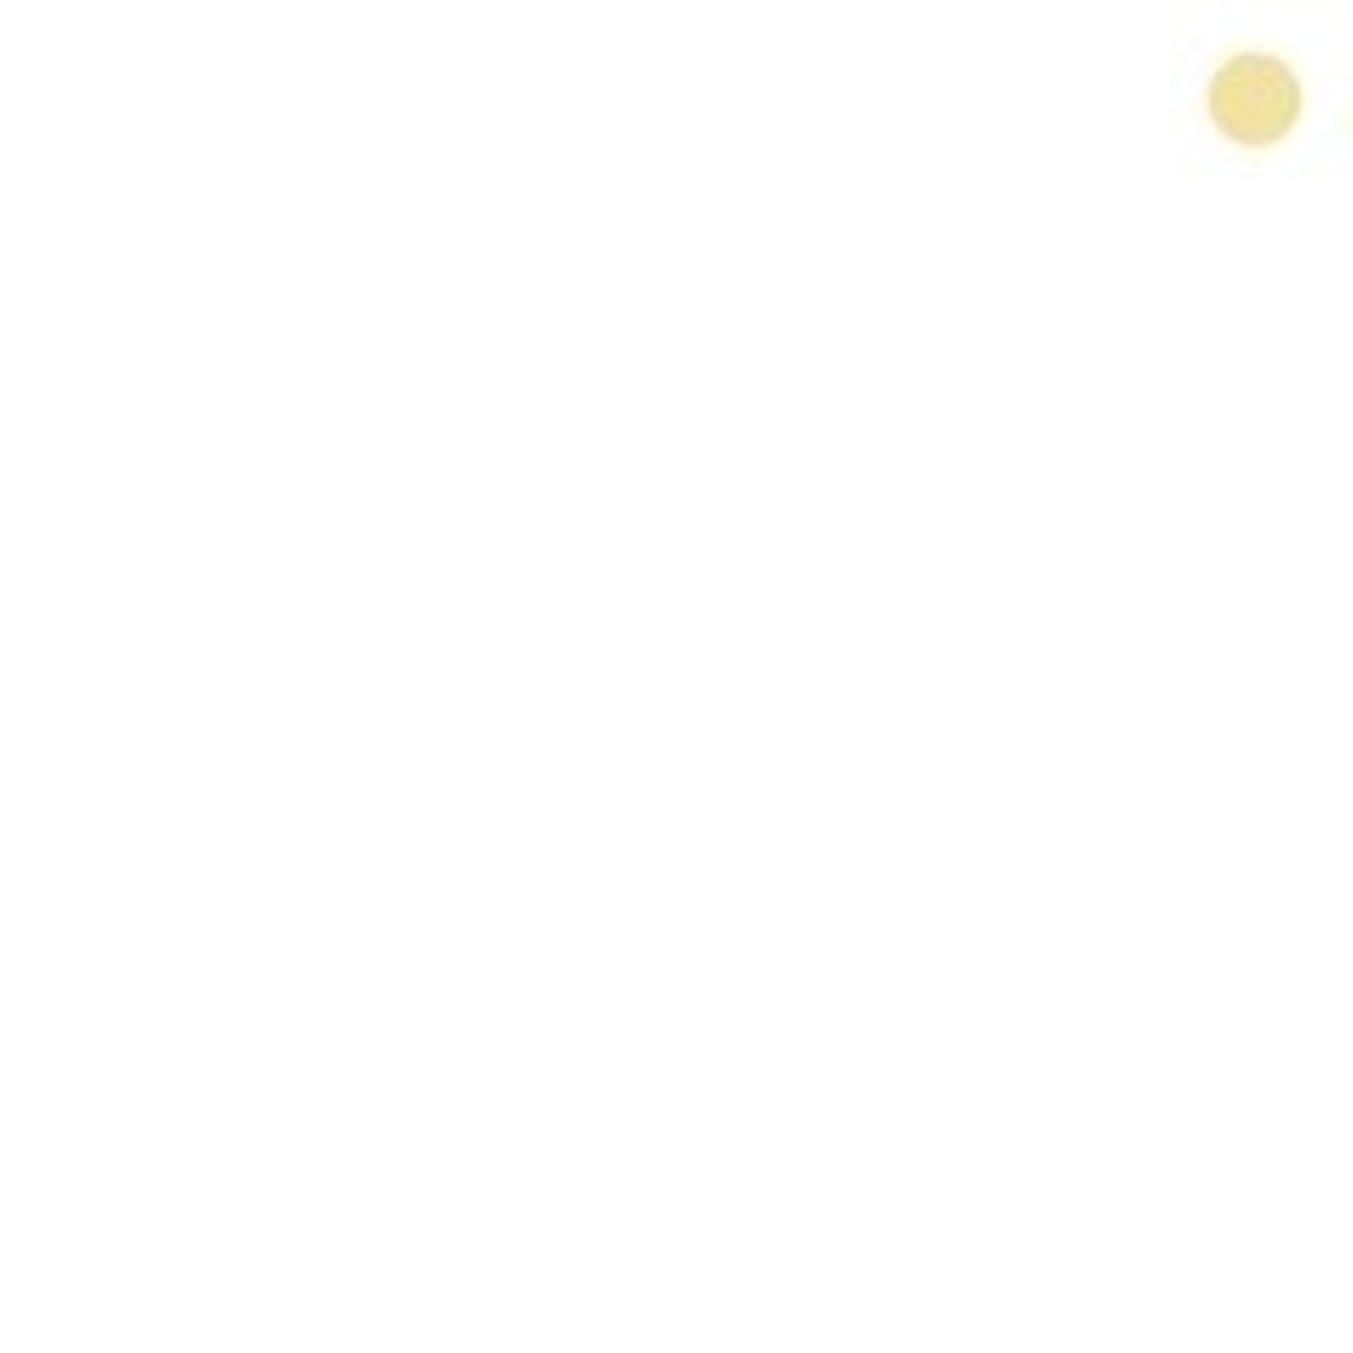 エンジングリット心配【カバーマーク】ジャスミーカラー パウダリーファンデーション #YN10 (レフィル)